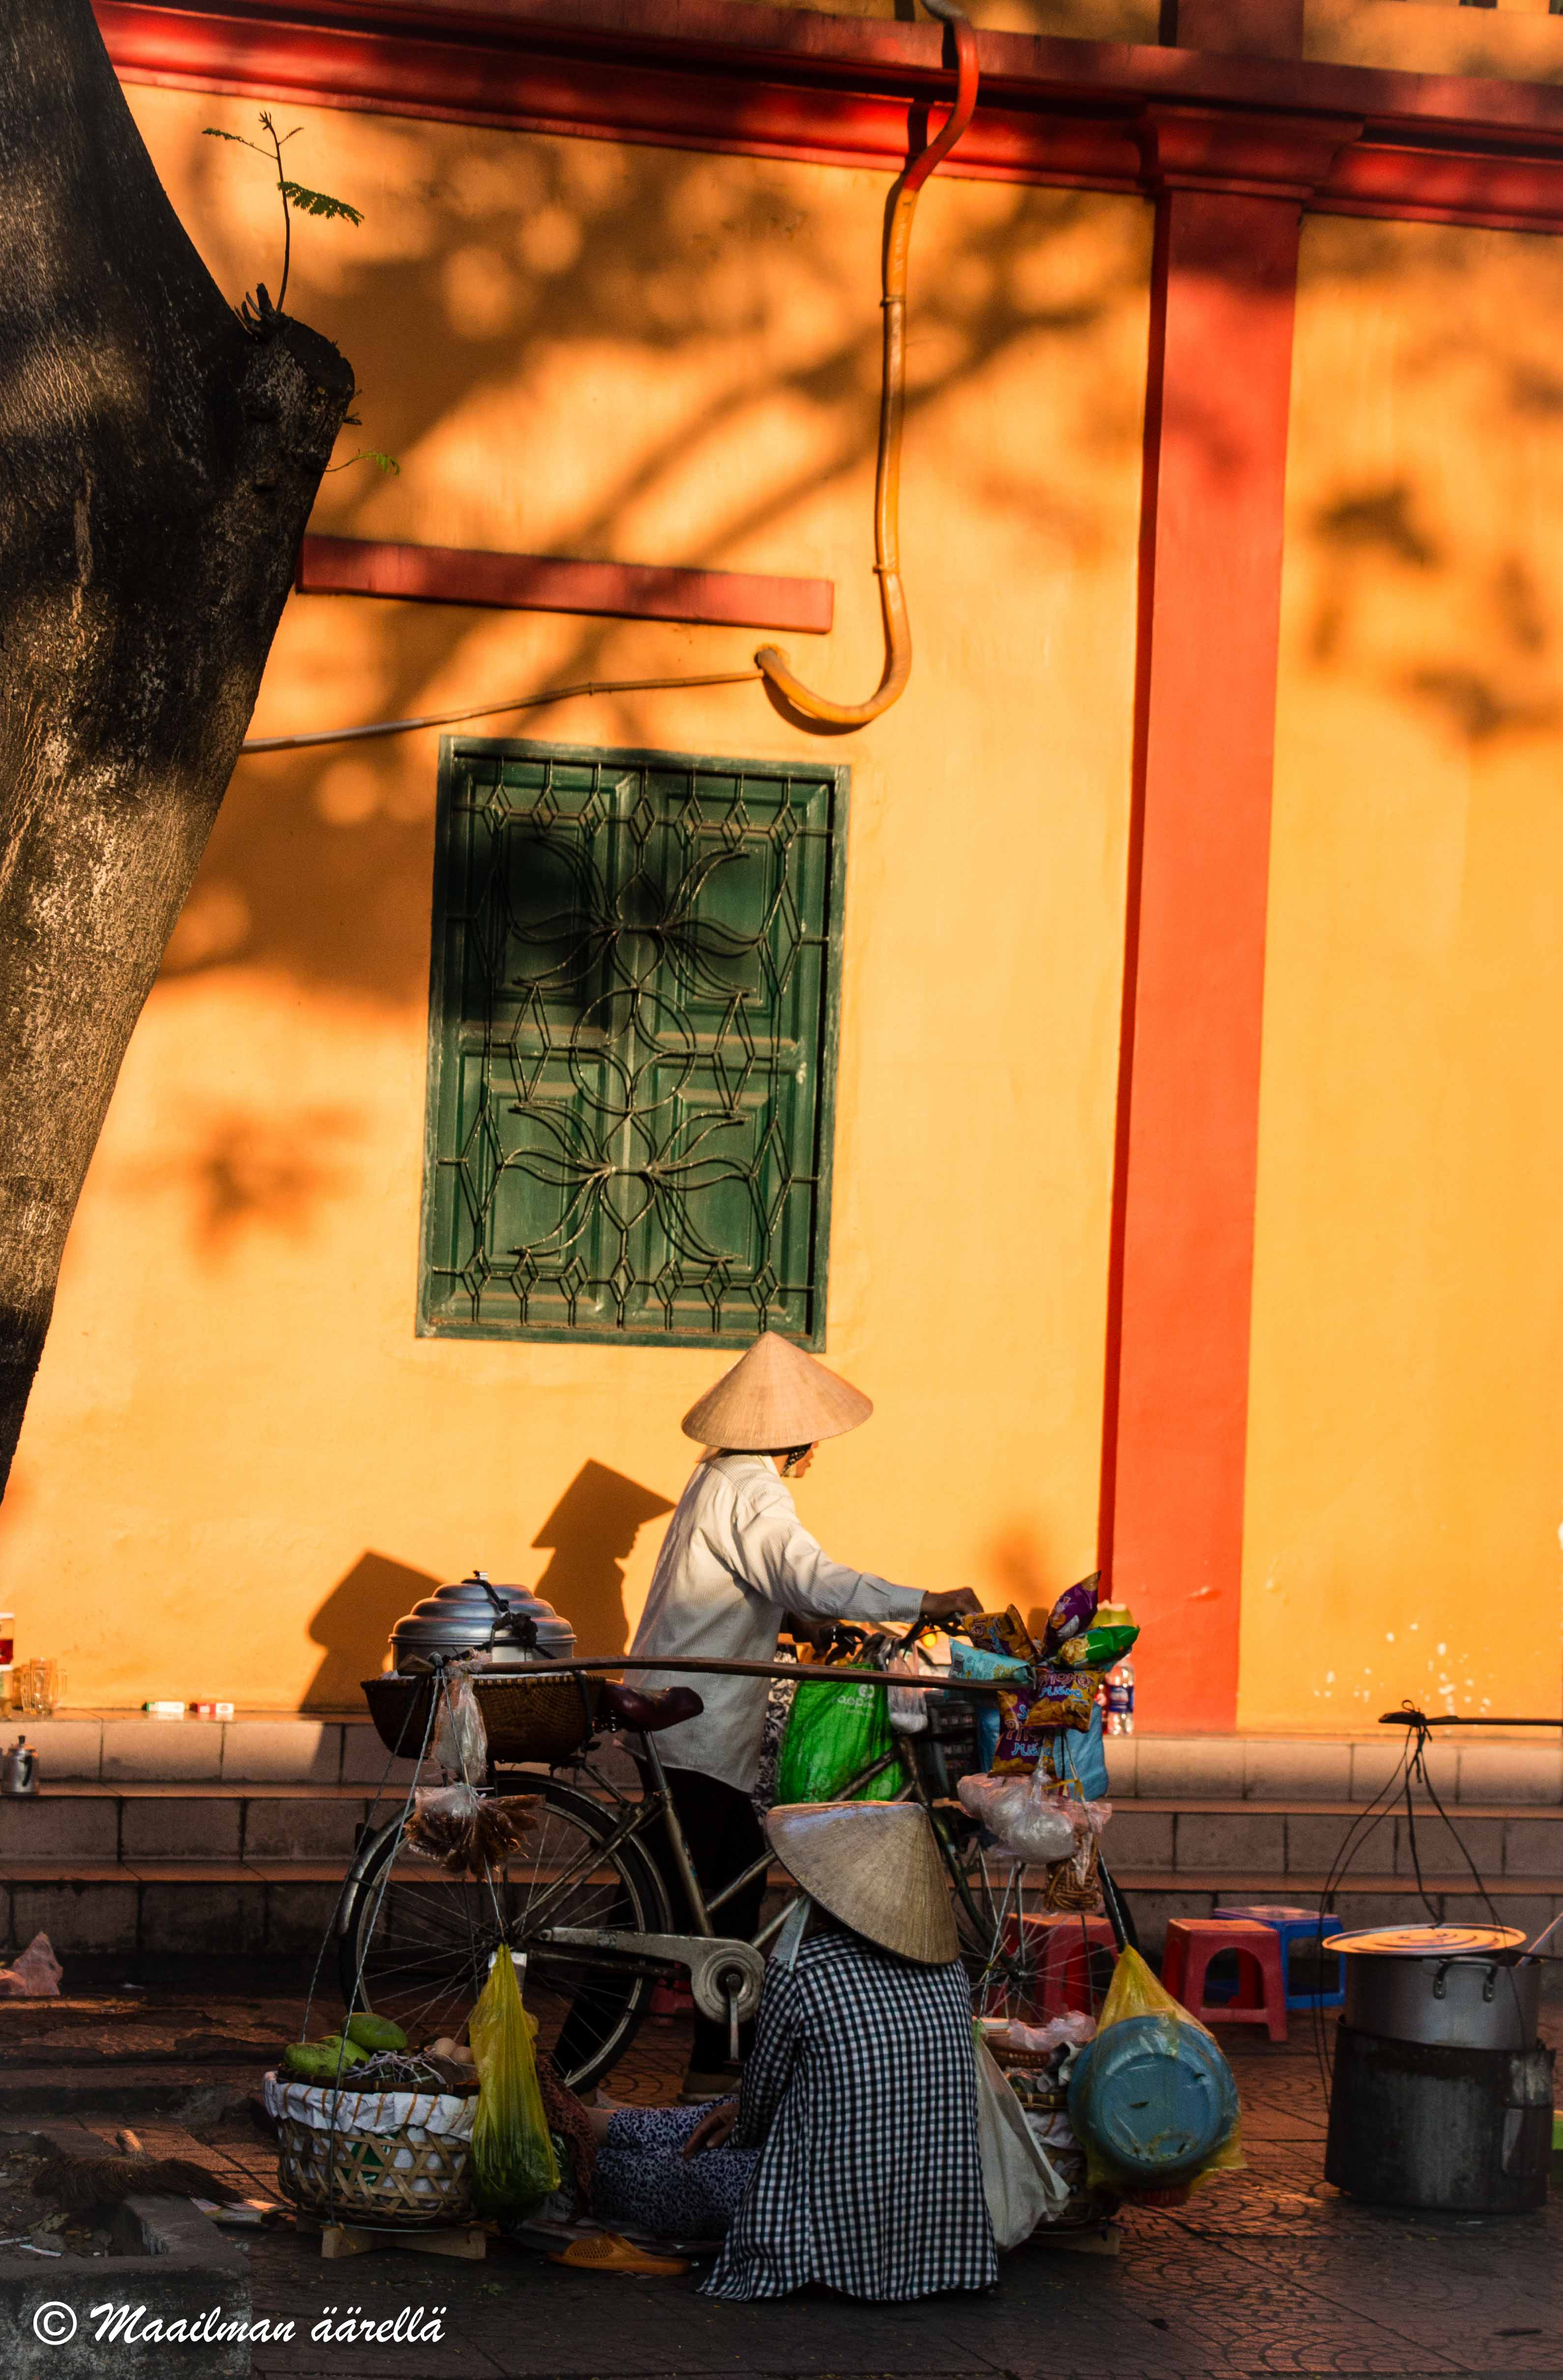 Saigon_2015-1-3